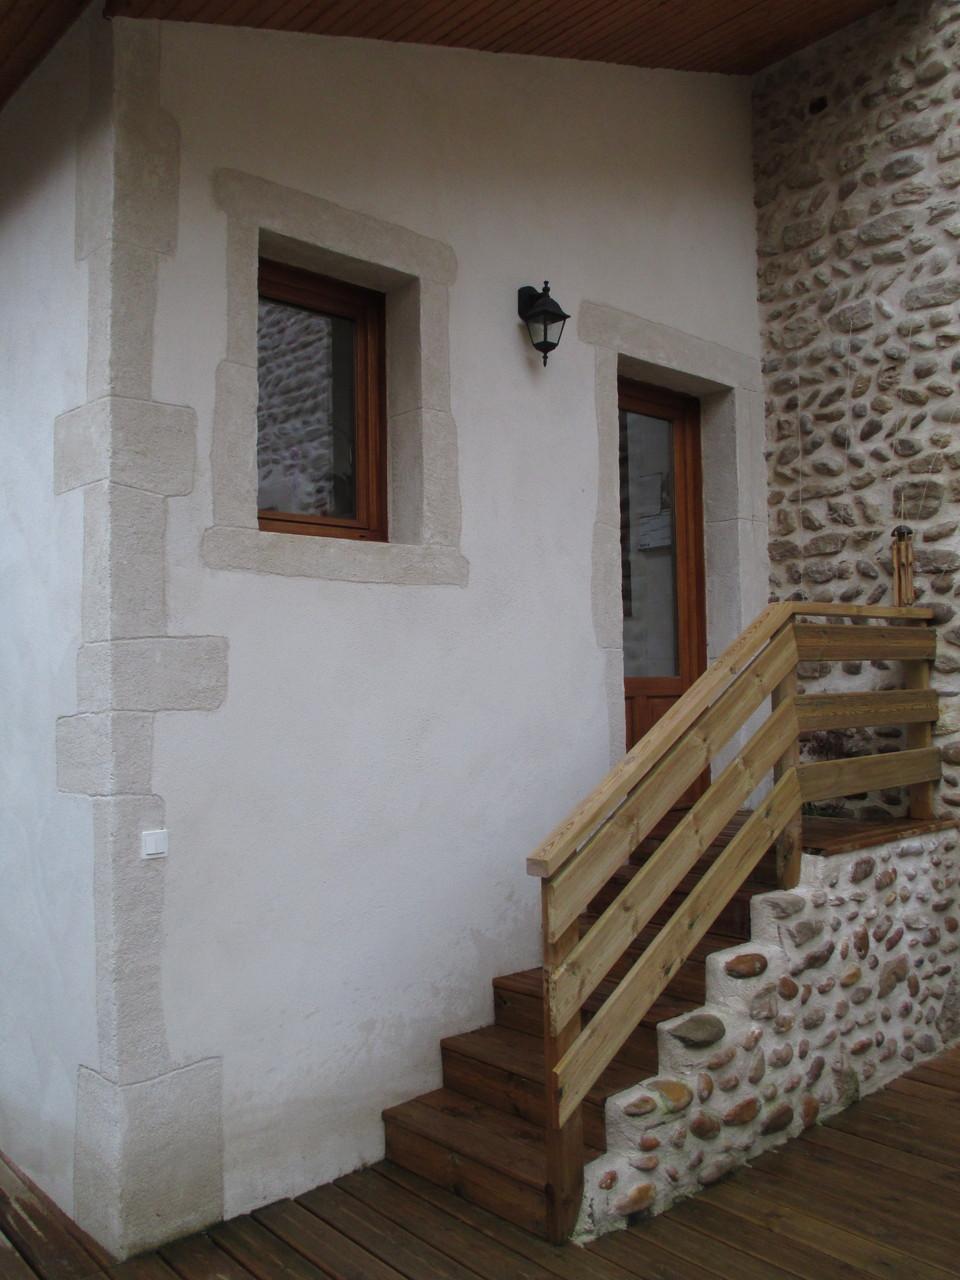 Crépi rustique de la façade